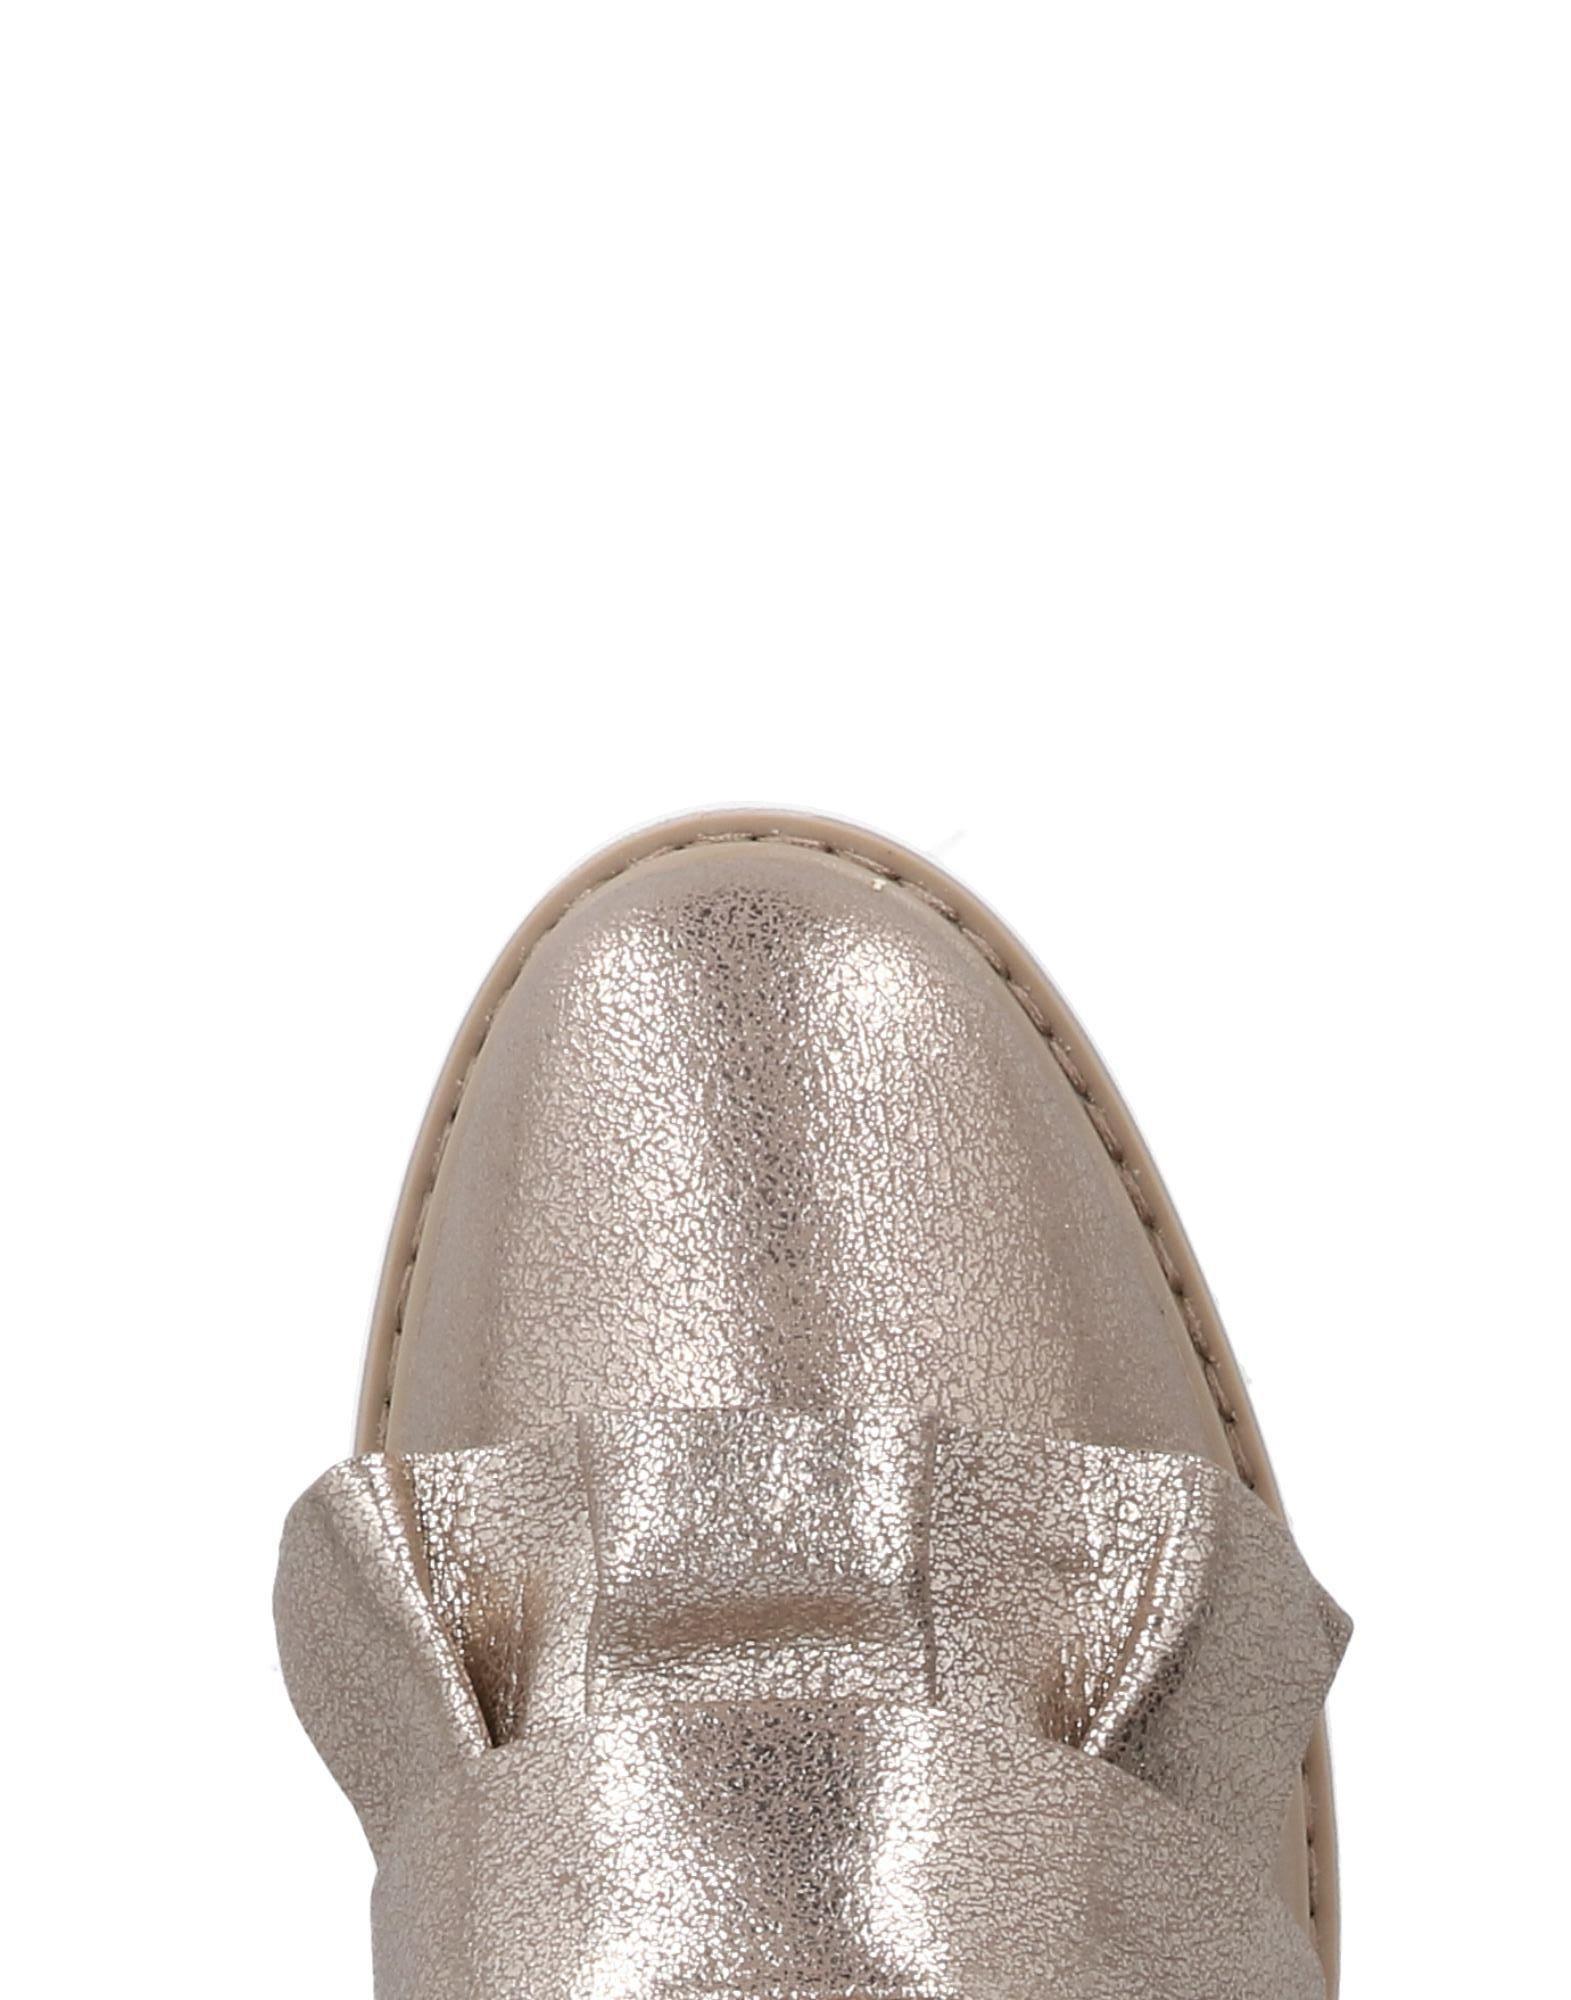 Geox Mokassins Damen  11479495PT Gute Qualität beliebte Schuhe